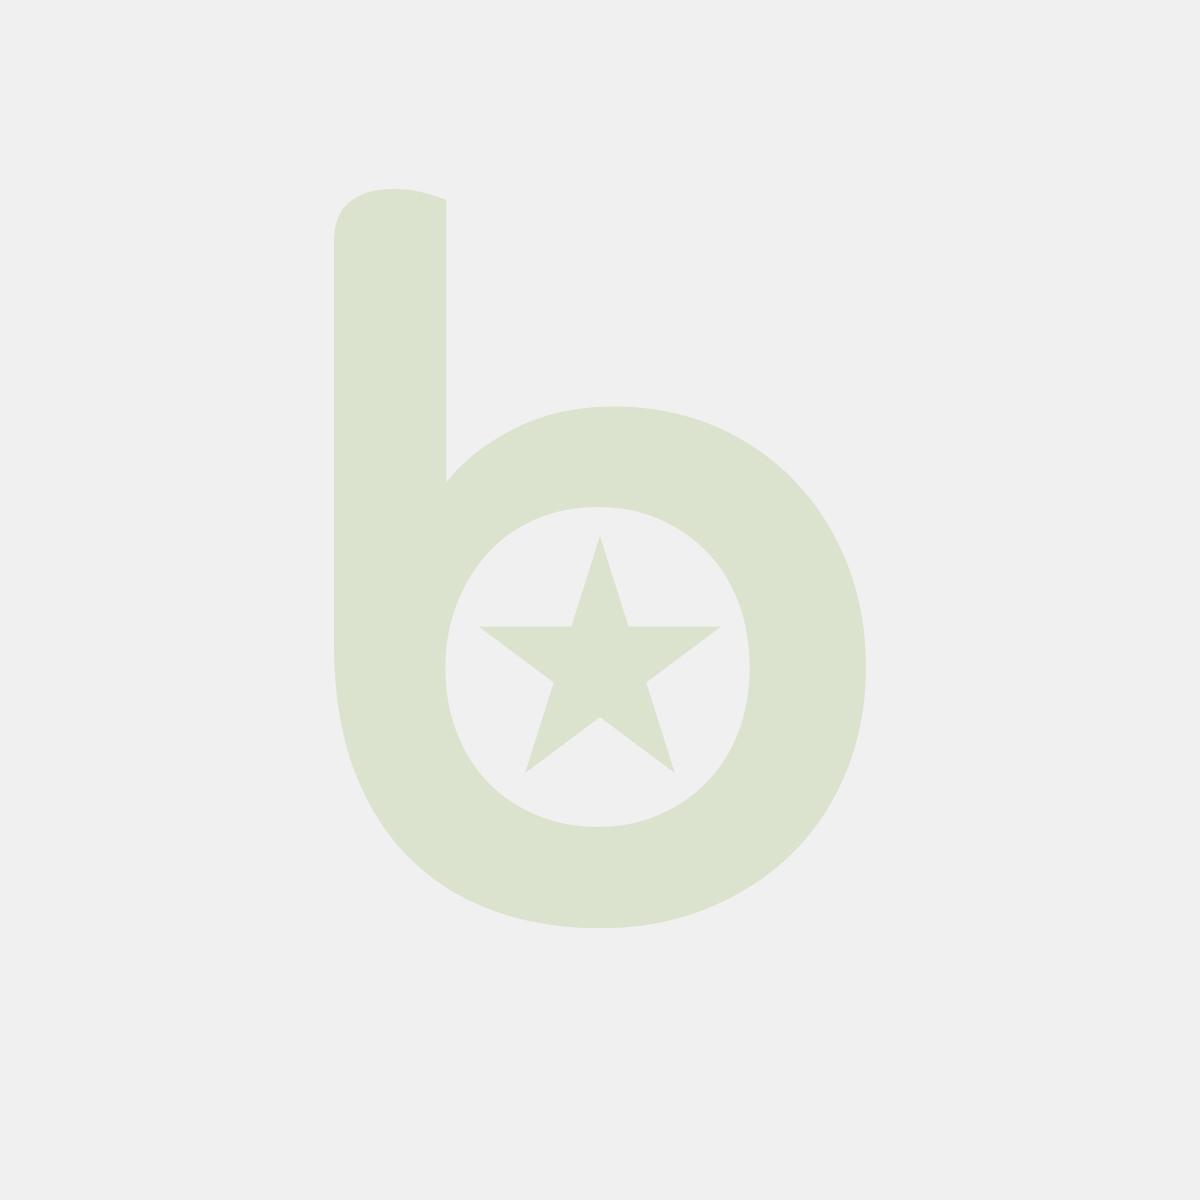 Zszywacz KANGARO Vertika-45+zszywki, zszywa do 30 kartek, blister, czarny